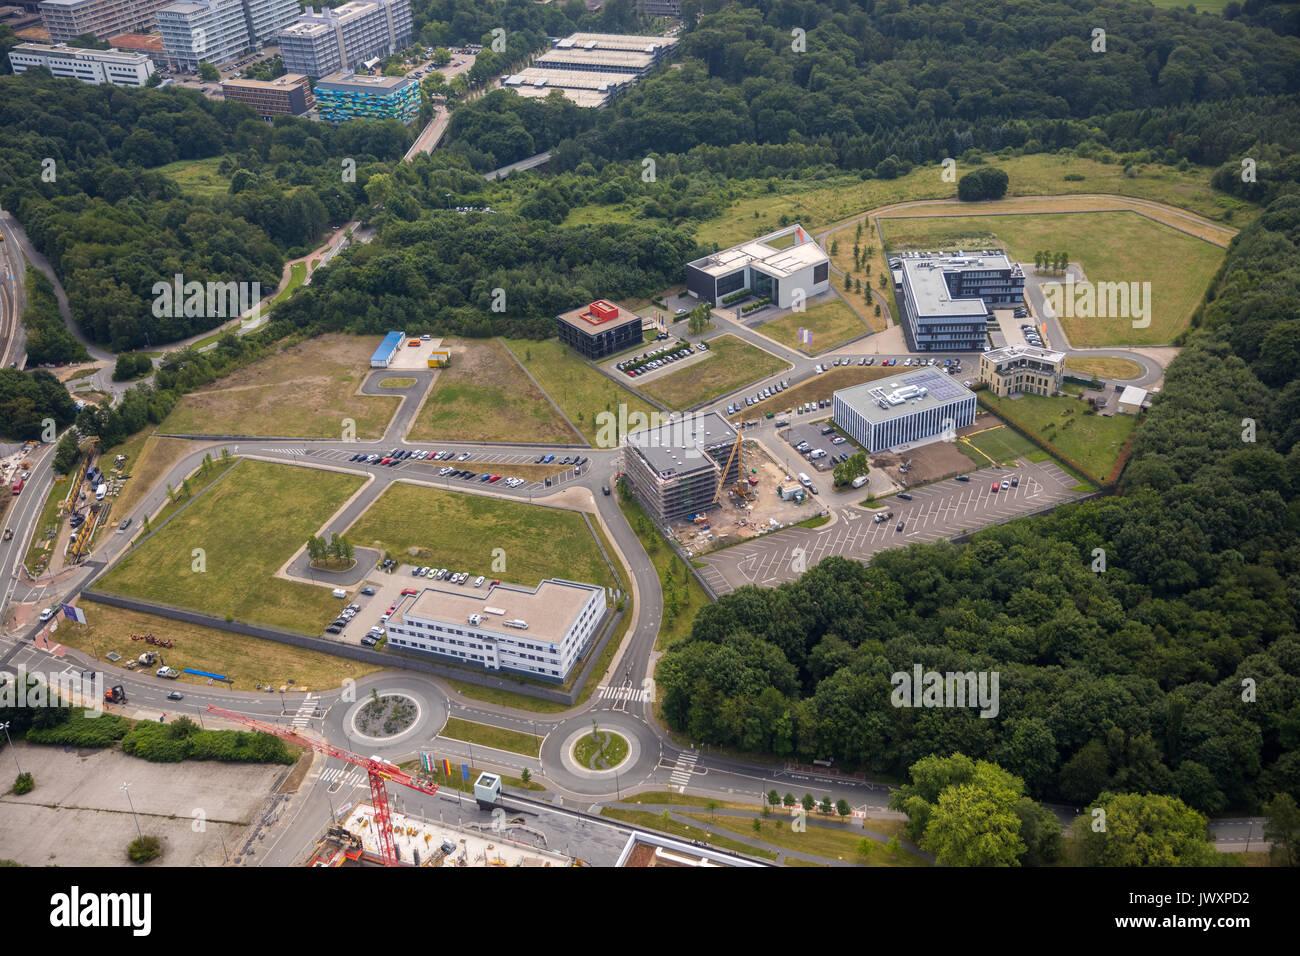 Campus Salud Bochum, Asociación profesiones médicas eV, GBTEC Software Consulting AG, el estado de salud del Centro de Renania del Norte-Westfalia LZG.nrw, Bochum, RU Imagen De Stock